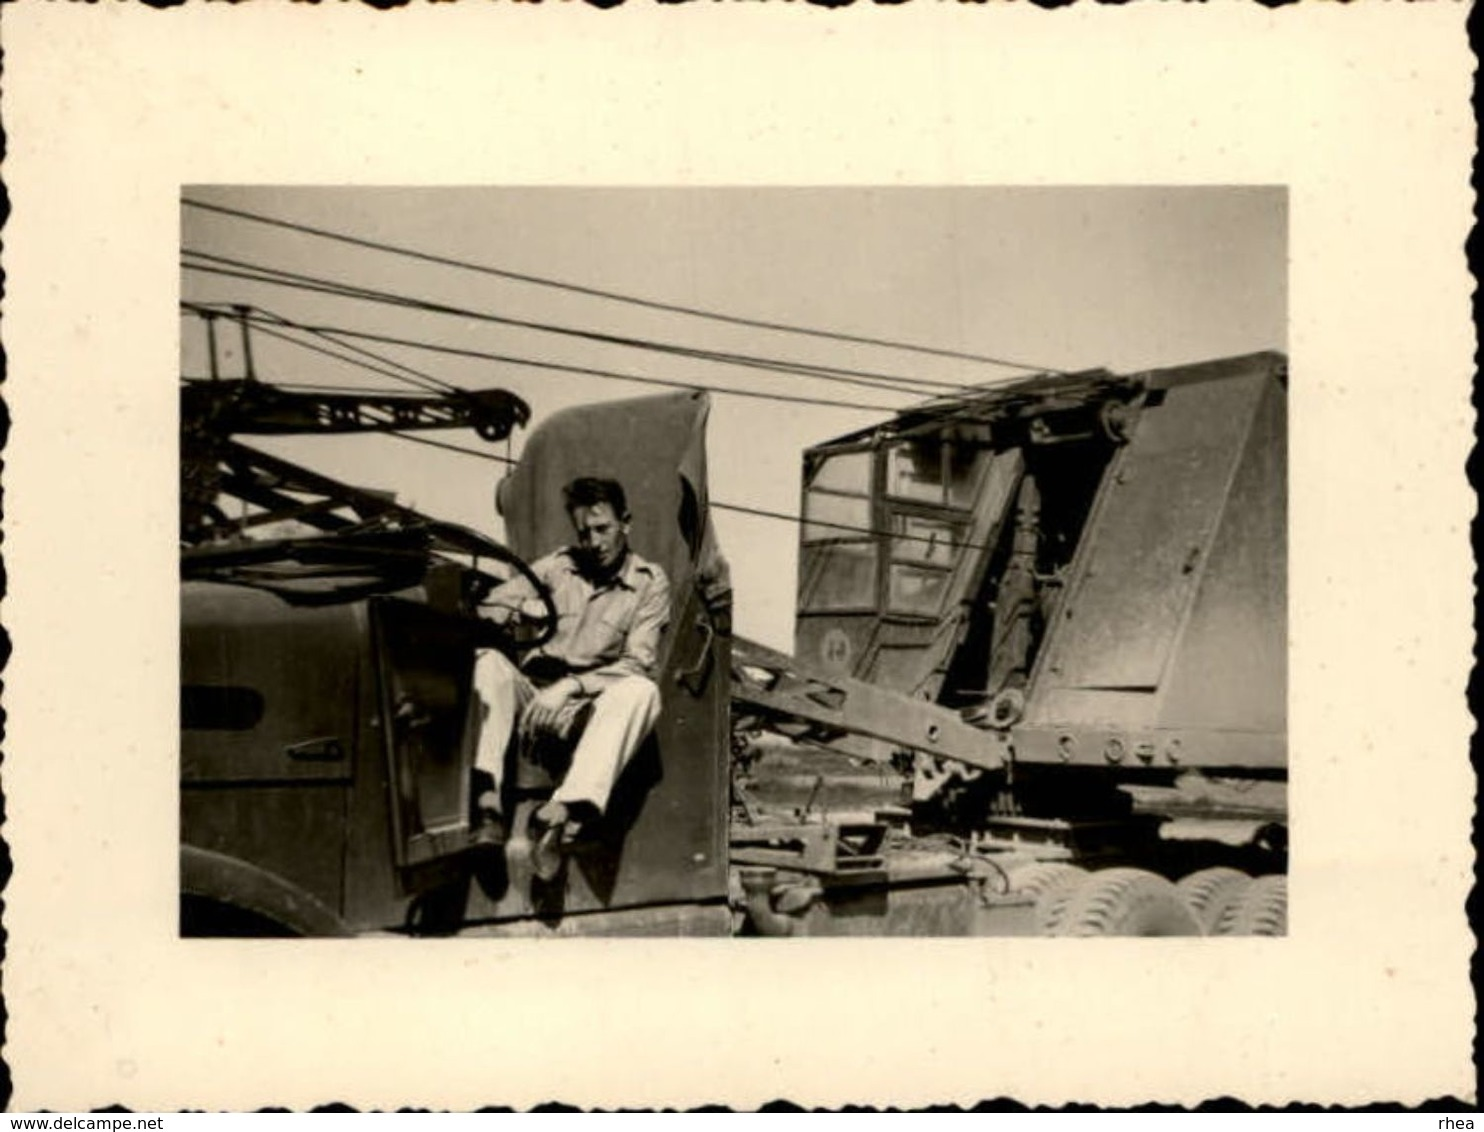 MILITARIA - 4 Photos - Matériel Militaire - Camion Locomotive - Personnages Du 44 Ou 53 - Guerre, Militaire